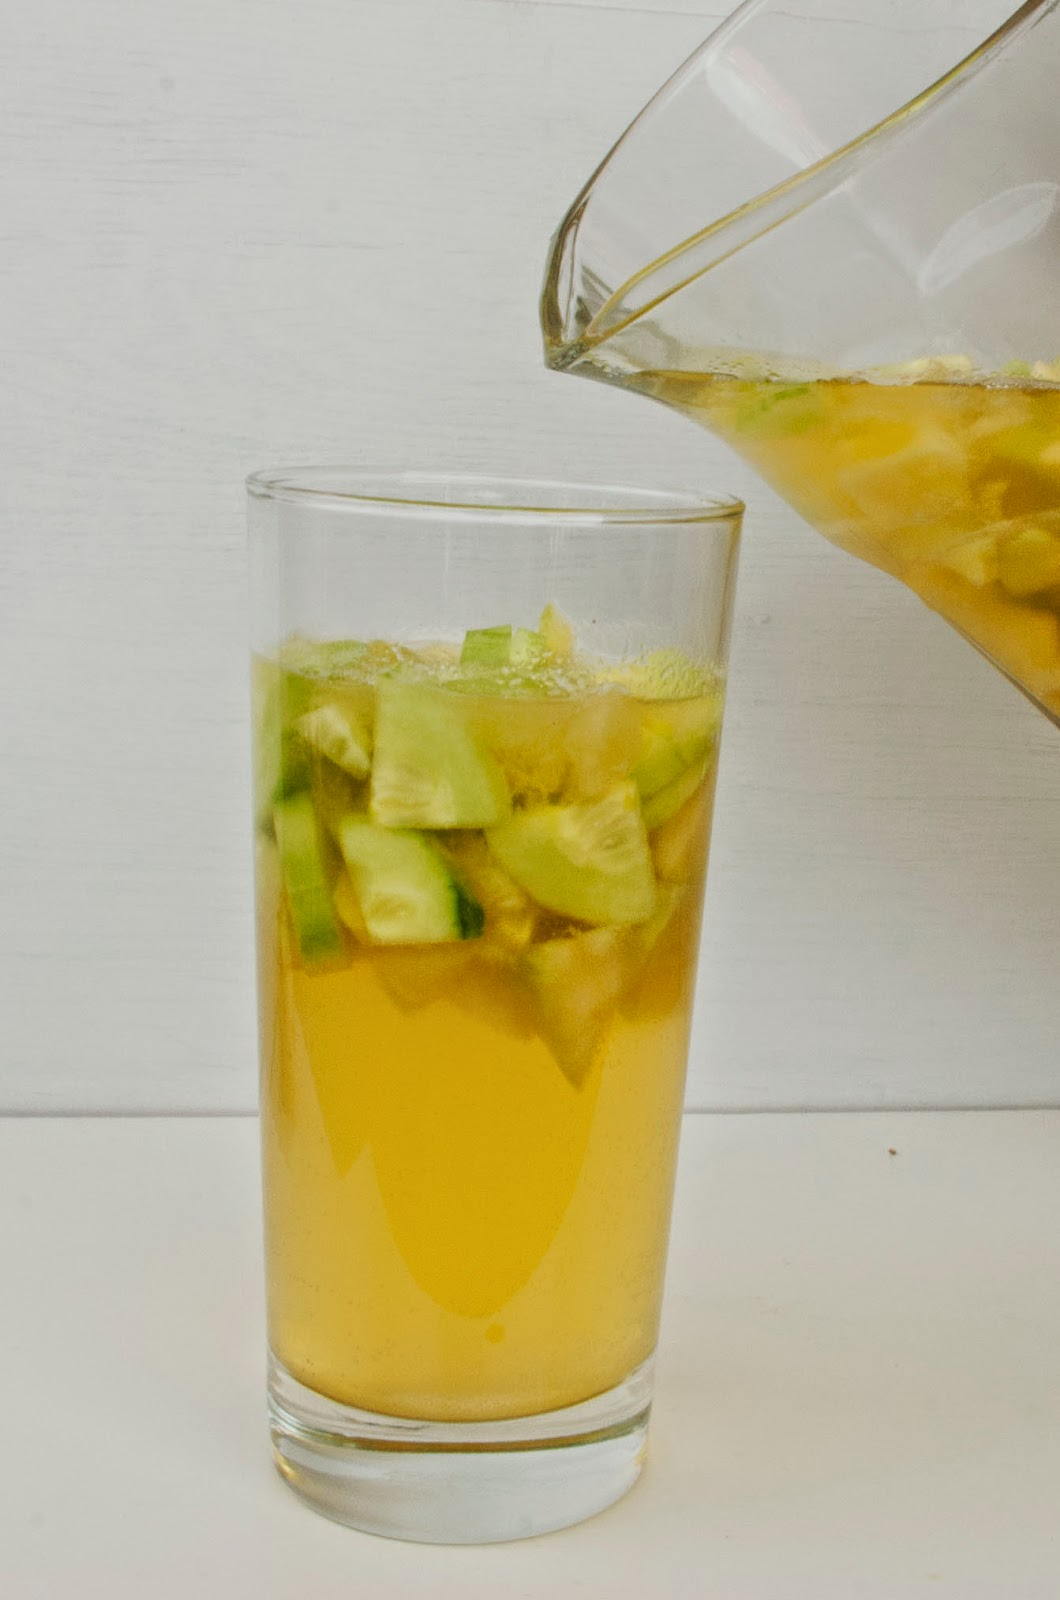 Sommer dahoam Melonen Gurken Bowle Obst daheim Drink München Minga Sommer  Lifestyle Lebensgefühl